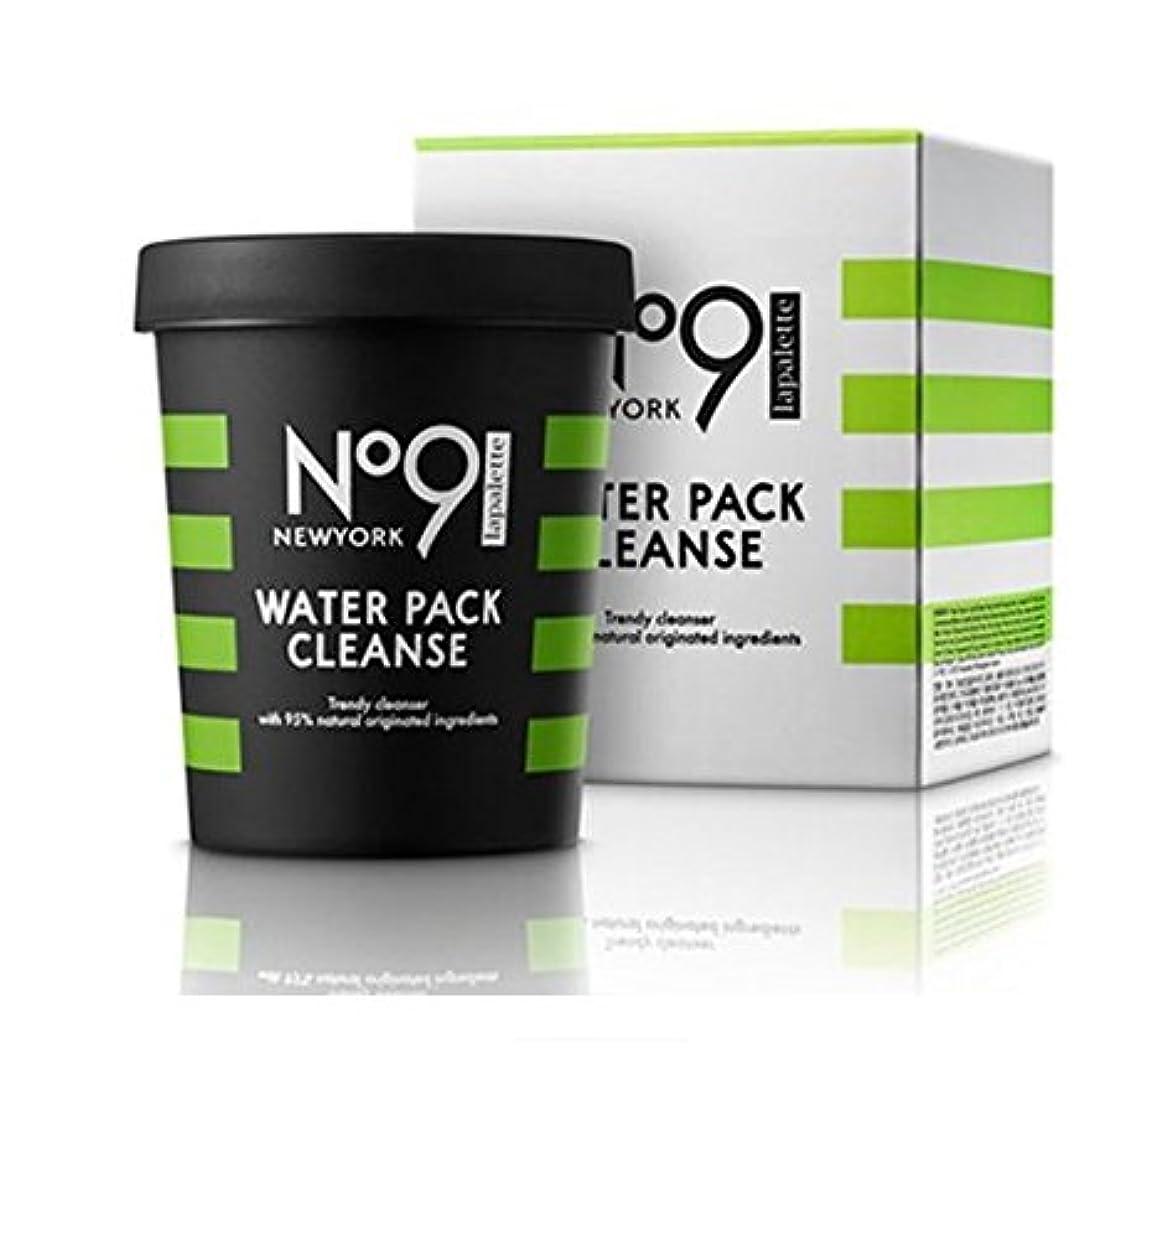 岩調整気づかないlapalette (ラ パレット) No.9 ウォーター パッククレンザー/No.9 Water Pack Cleanse (250g) (ゼリーゼリーケール(Jelly Jelly Kale)) [並行輸入品]